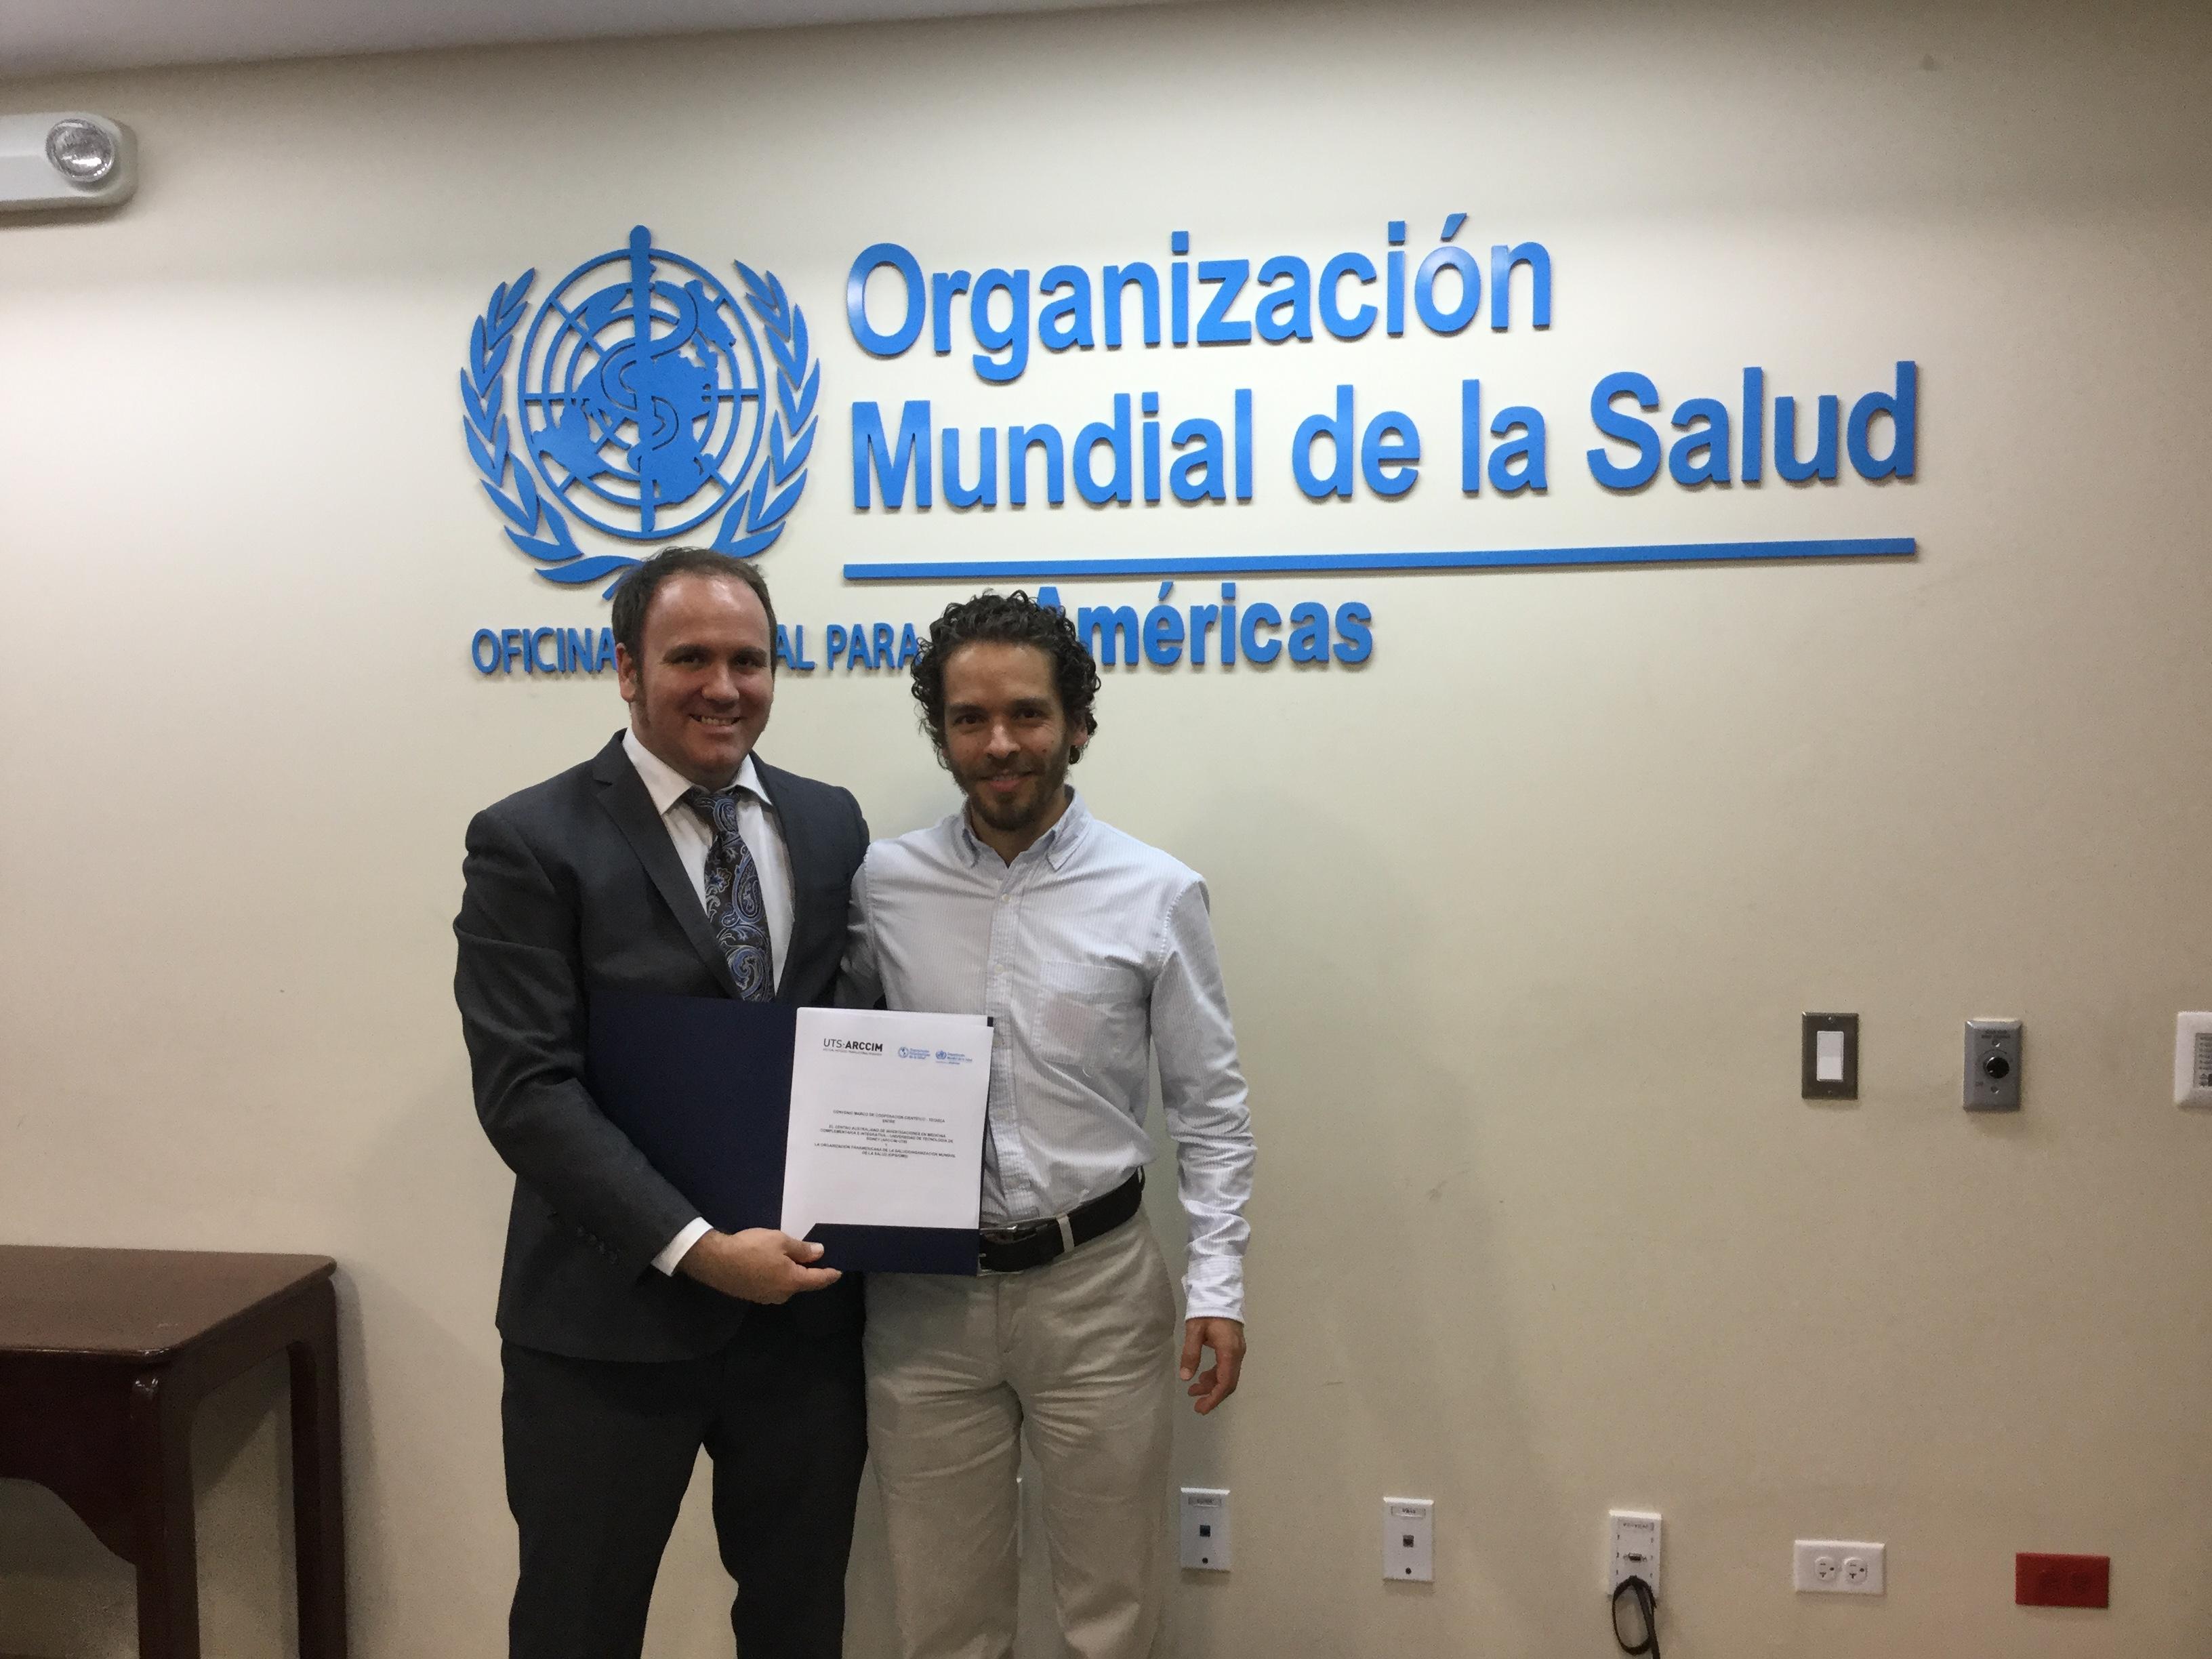 Dr Jon Wardle and Dr Socorro Galiano